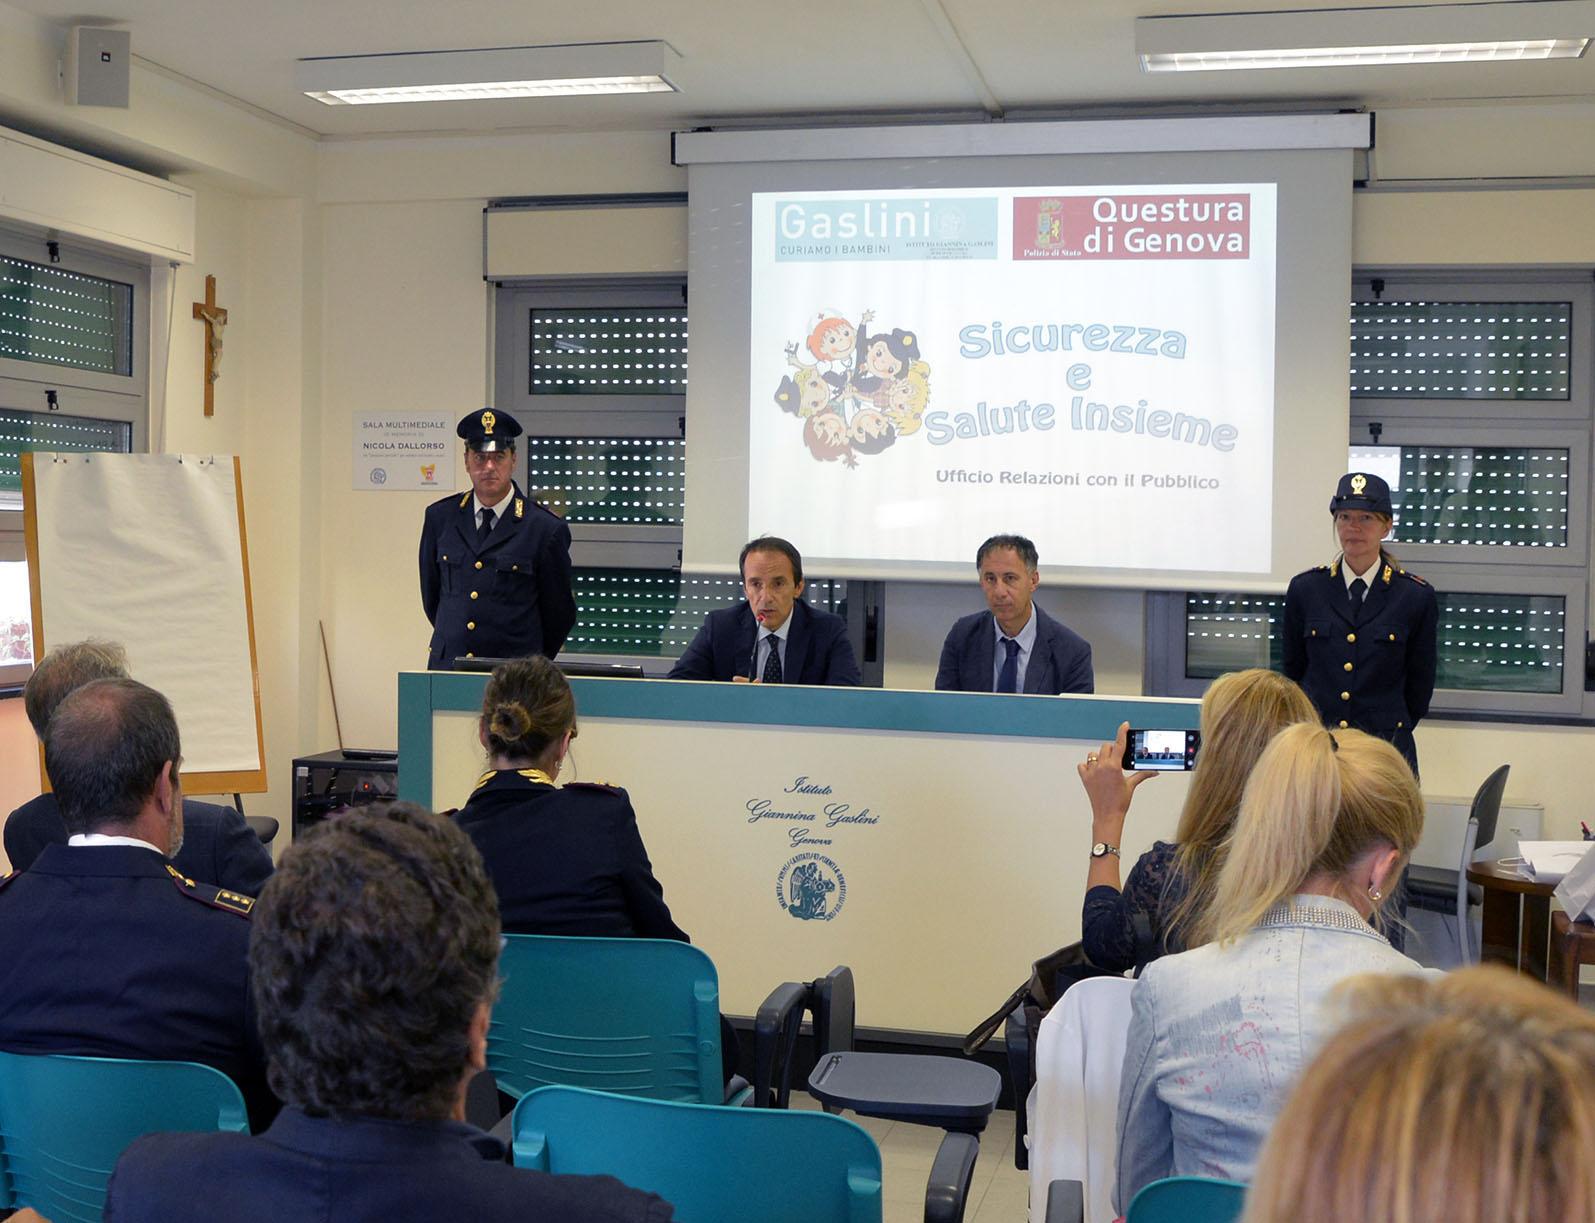 Ufficio Passaporti Genova Corso Aurelio Saffi : Questura di genova home facebook